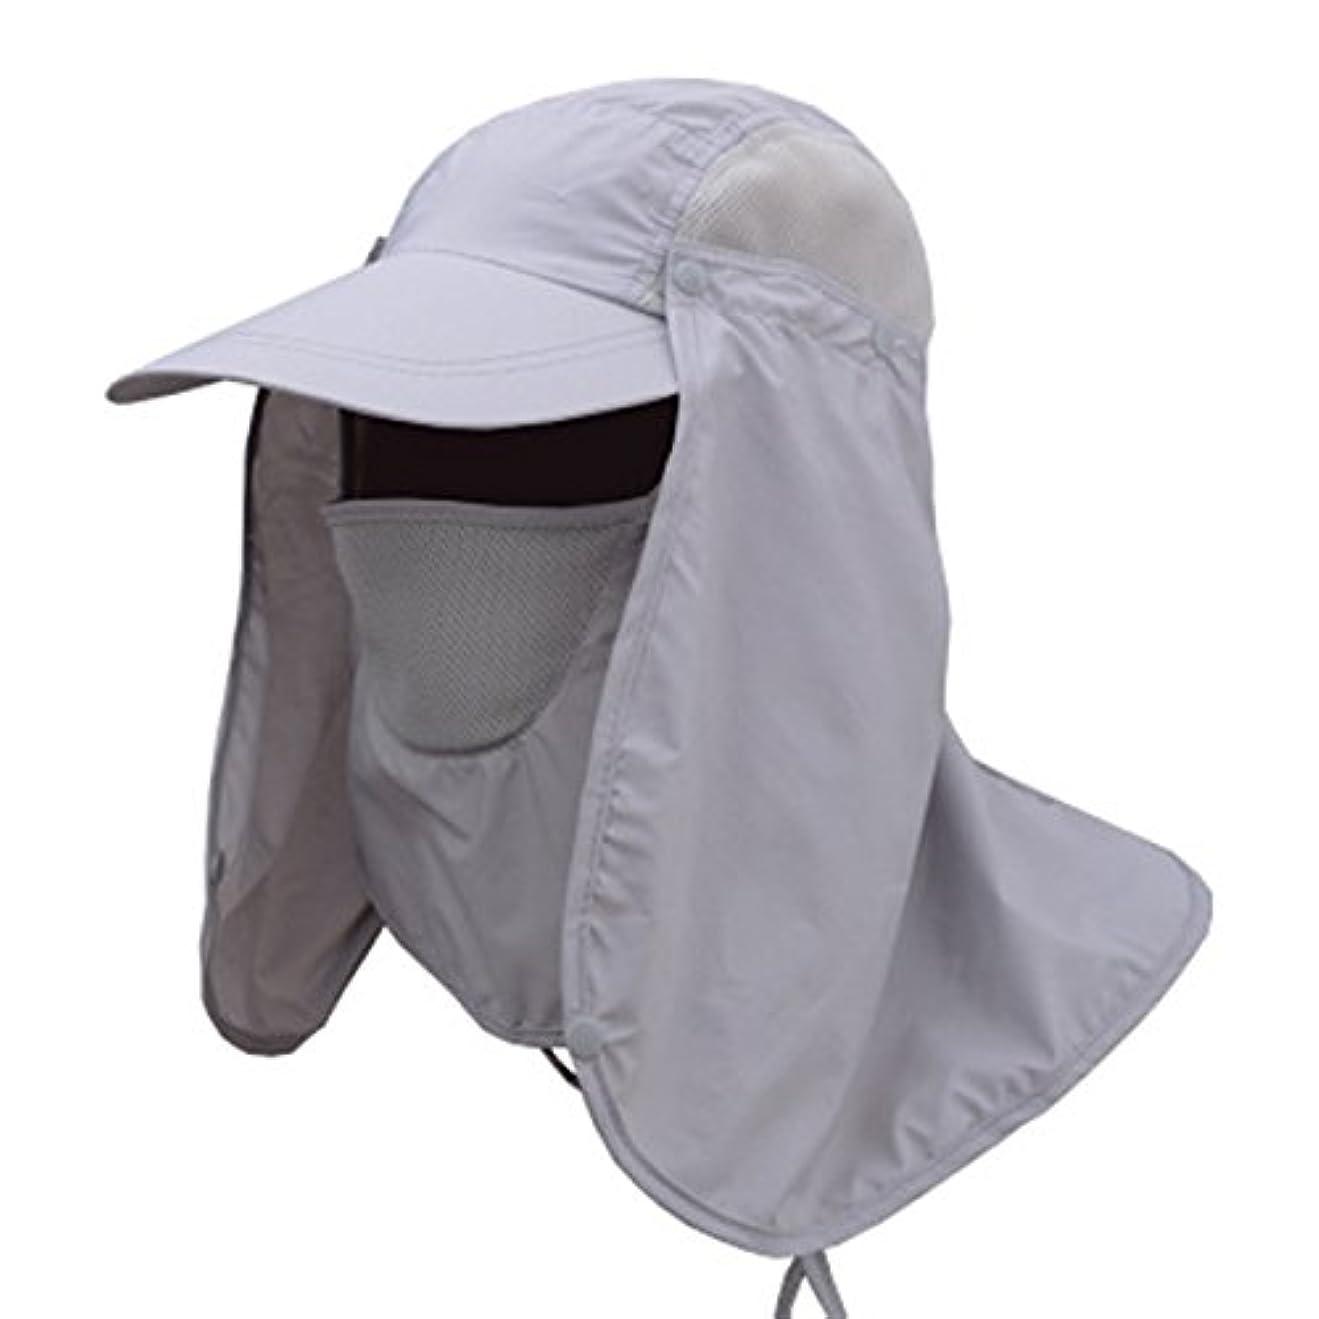 非互換動揺させる手を差し伸べるenkrioユニセックス釣り帽子フラップ帽子UPF 50 + 360度ソーラー保護サンキャップ取り外し可能なネック面用フラップカバーキャップアウトドアアクティビティforメンズレディース